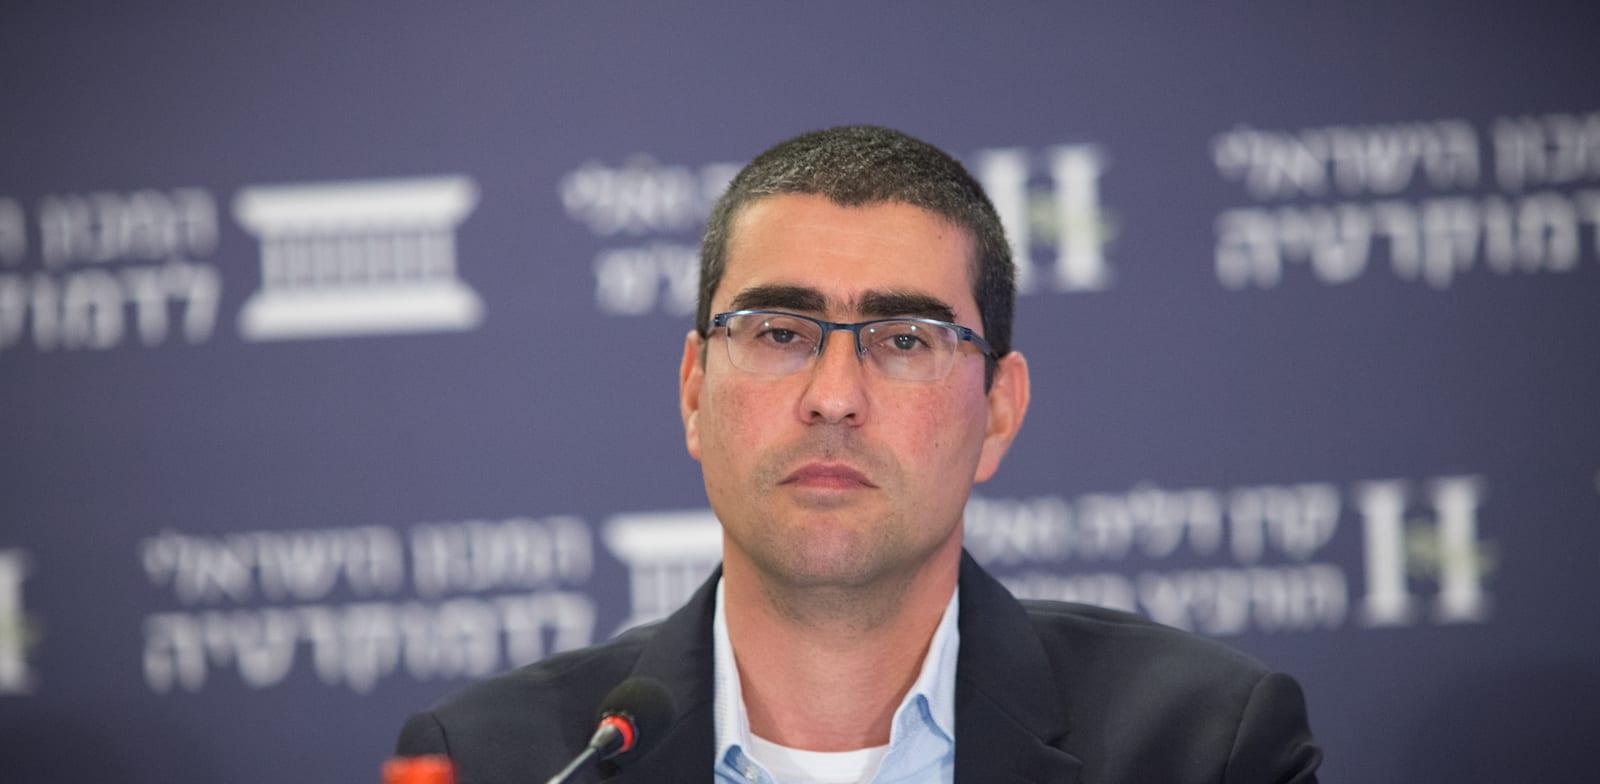 הממונה על השכר באוצר, קובי בר-נתן / צילום: המכון הישראלי לדמוקרטיה